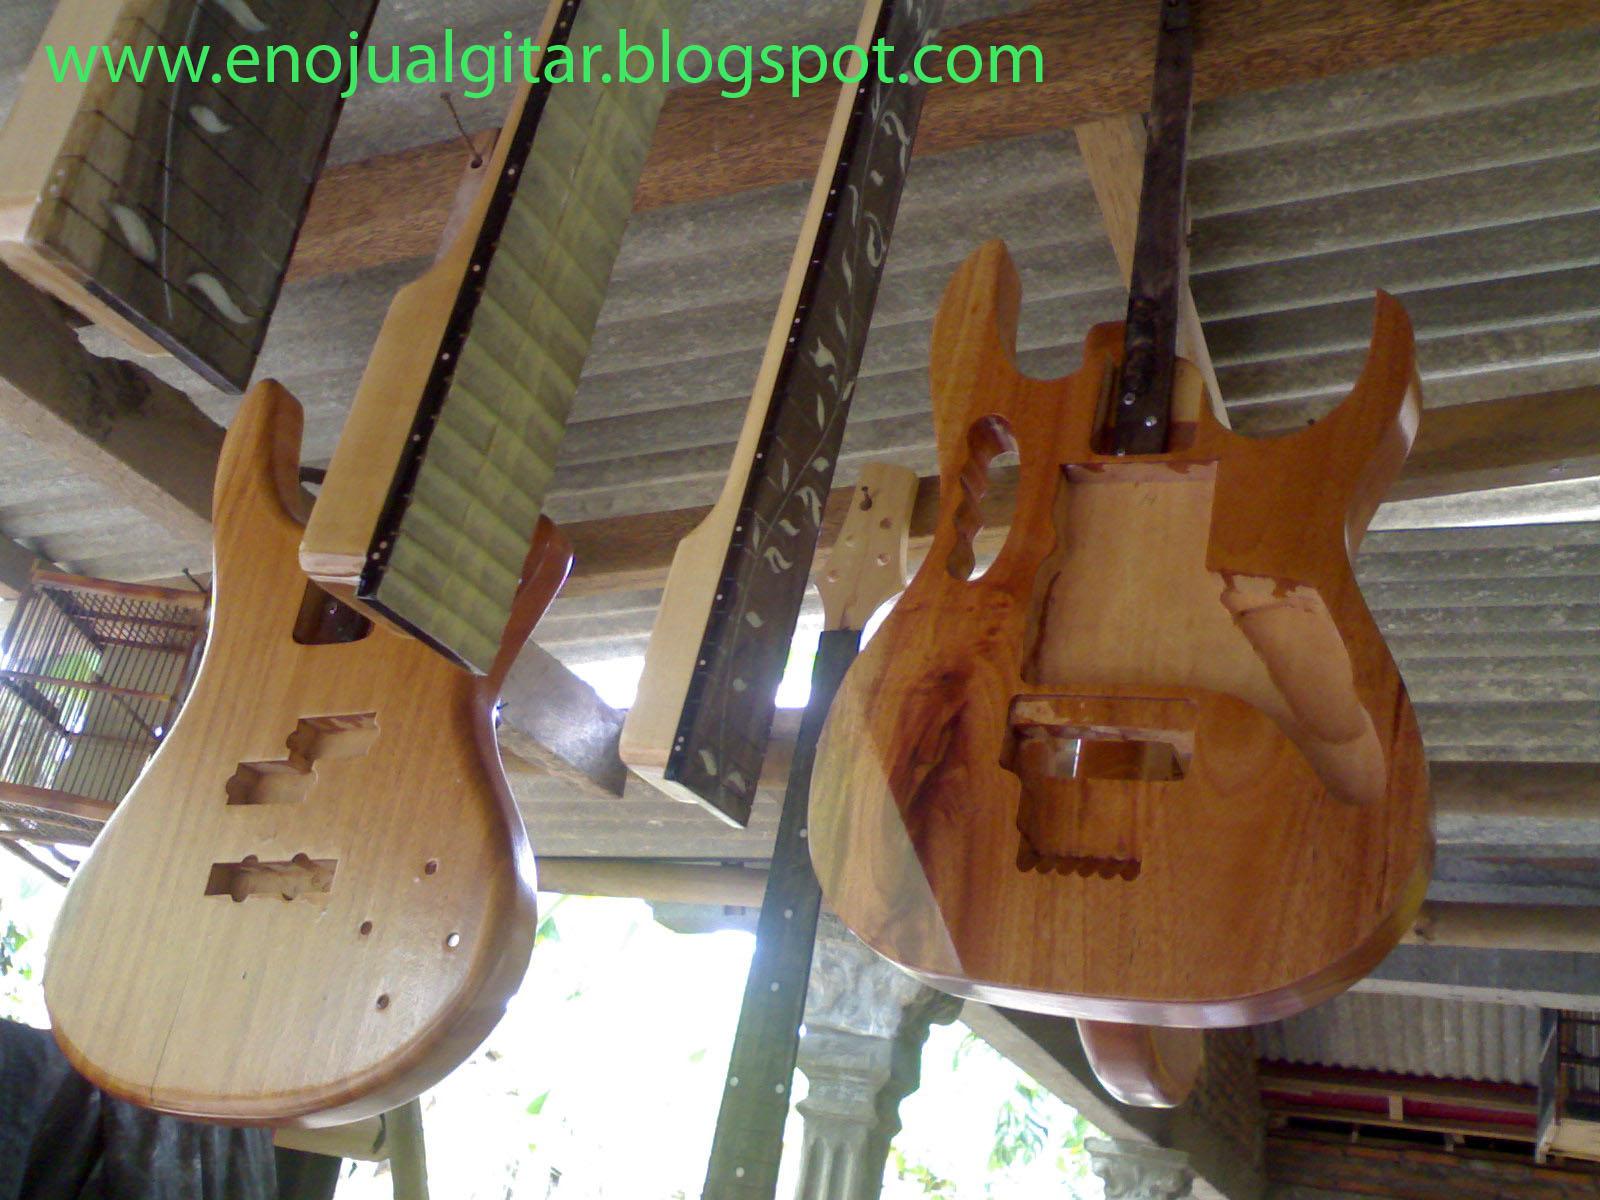 agustus 2011 jual gitar grosir gitar murah jual gitar murah grosir